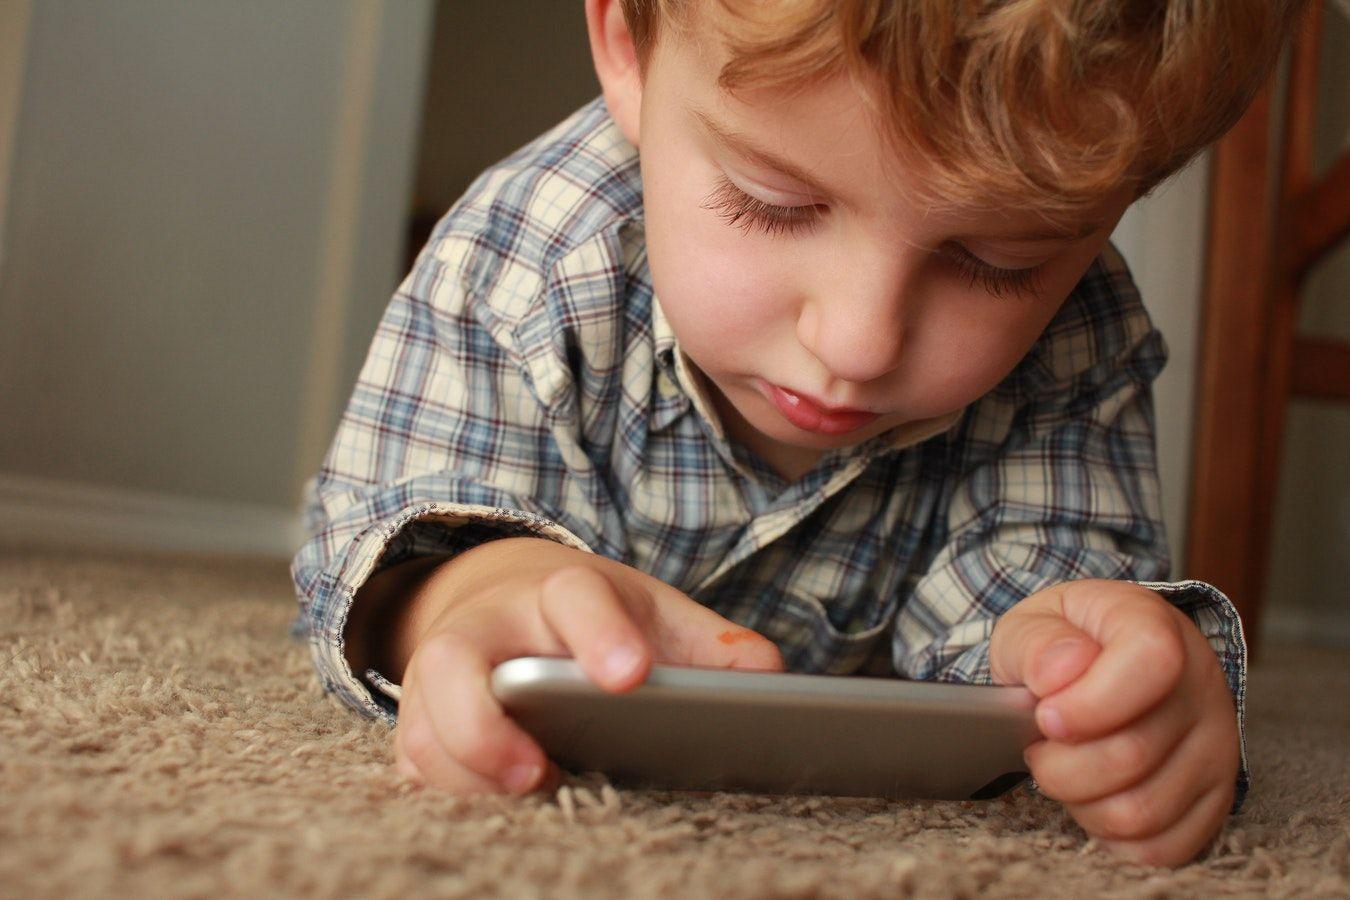 Crear juegos educativos para niños